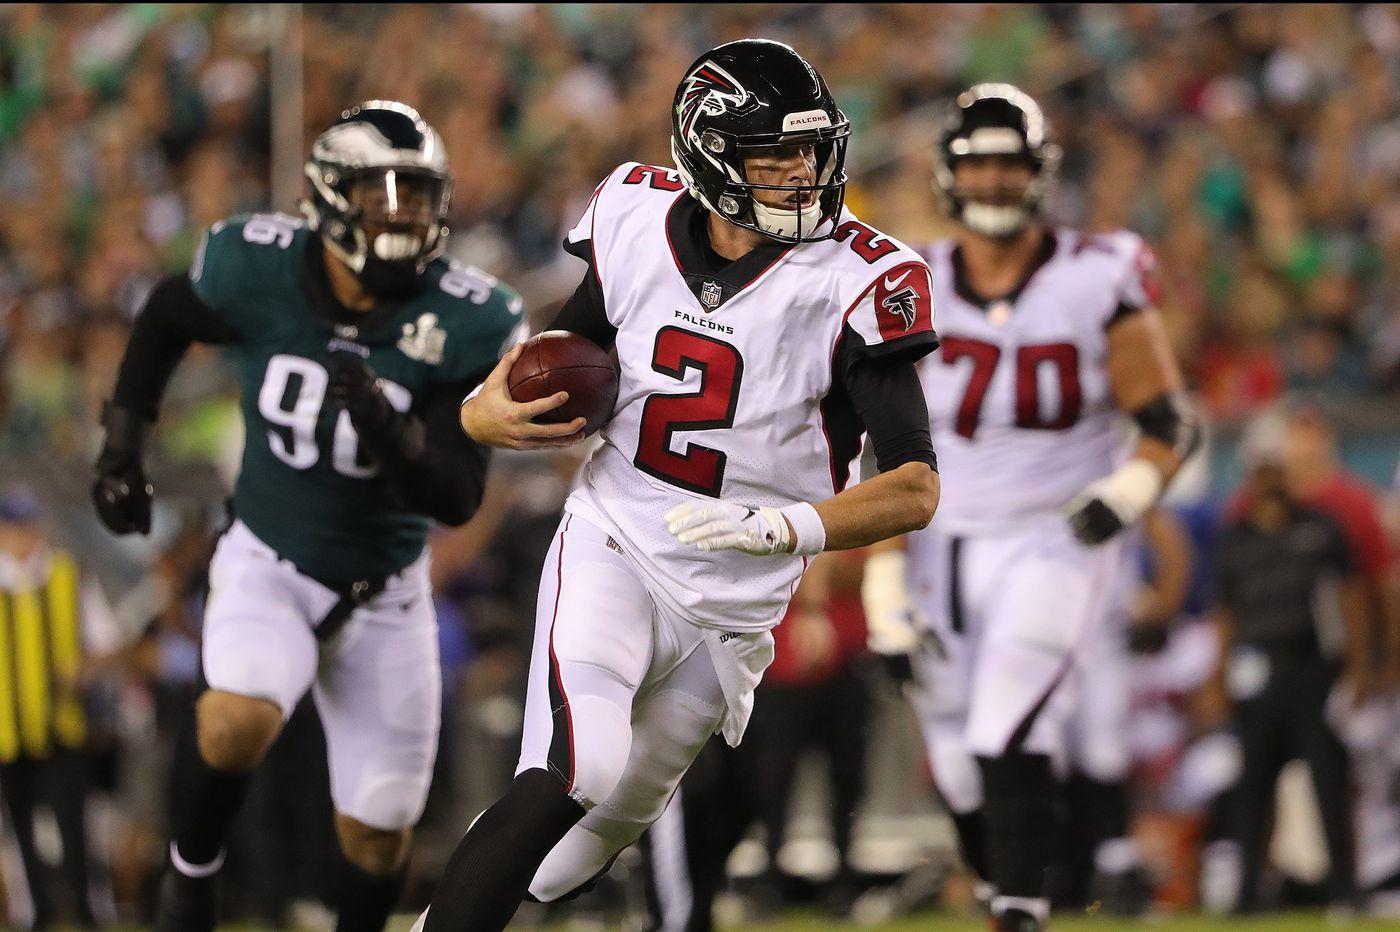 Atlanta Falcons quarterback Matt Ryan continues to perform at an elite level